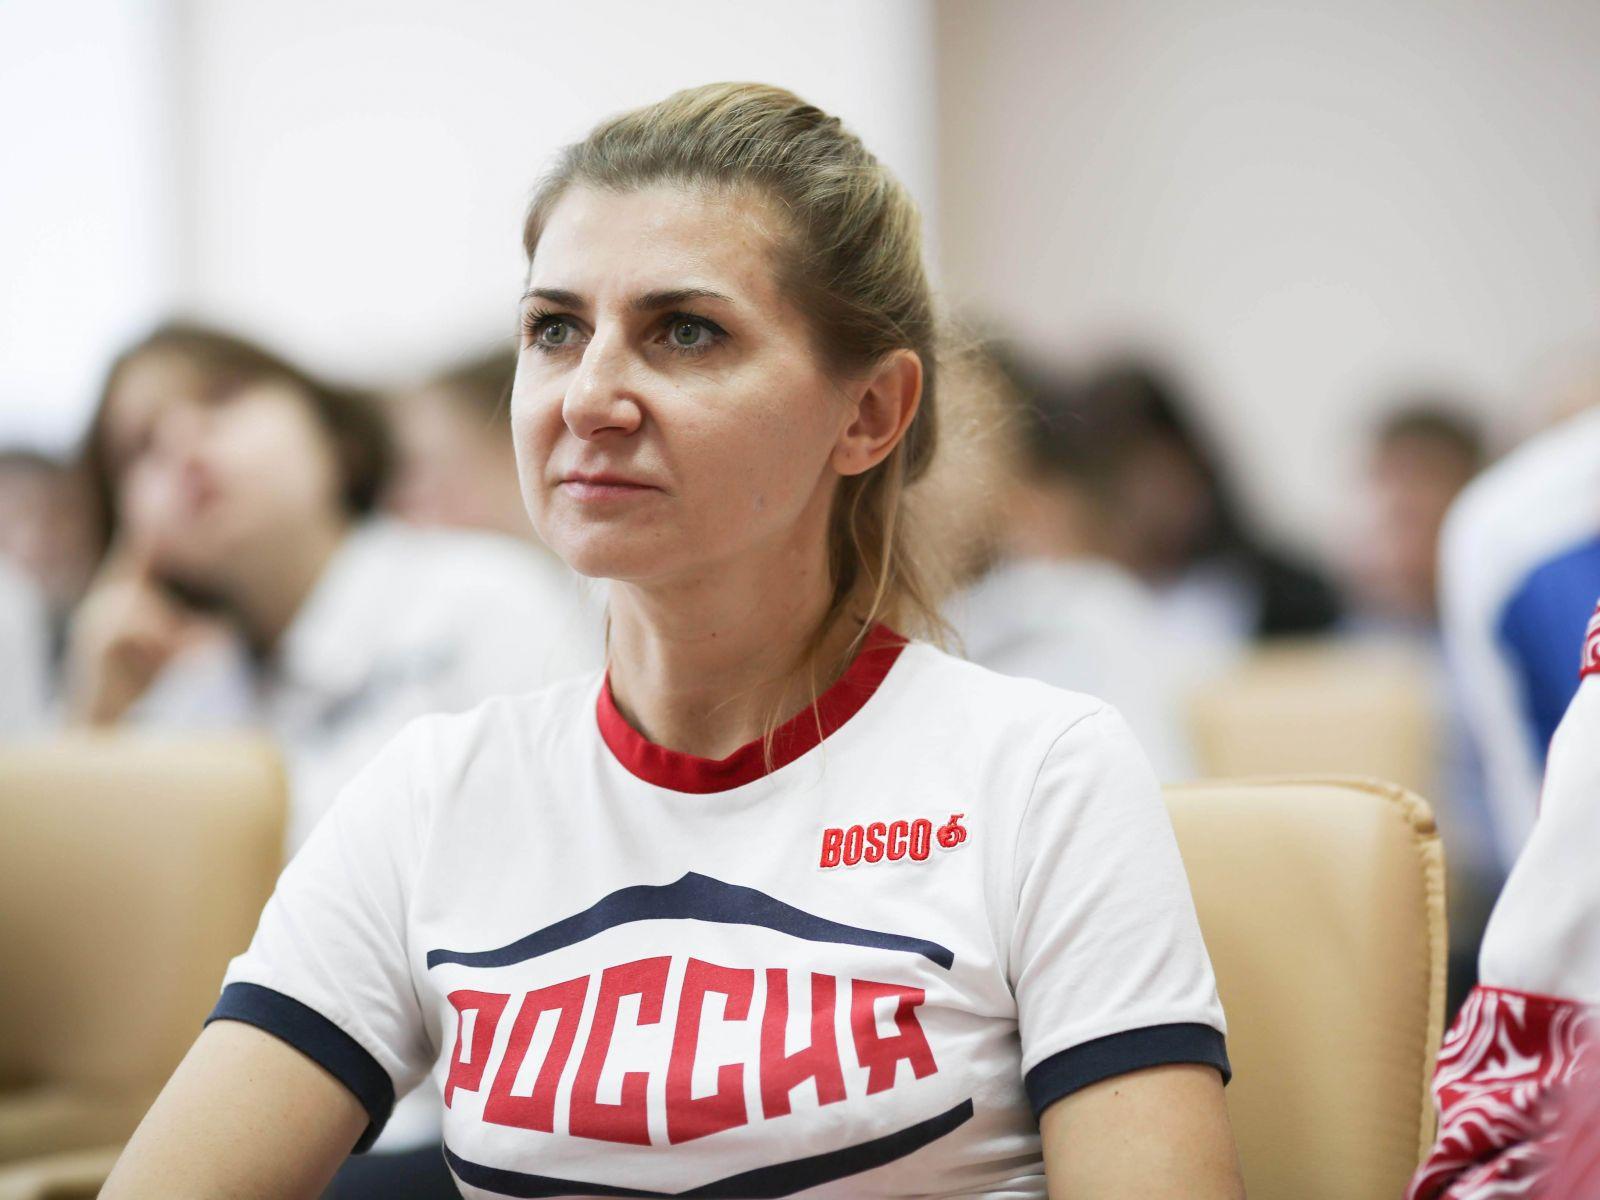 Старший тренер сборной команды России по велоспорту лиц с ПОДА Е.Ф. Мухортова: «На чемпионате мира на треке в Канаде мы выступили достойно»